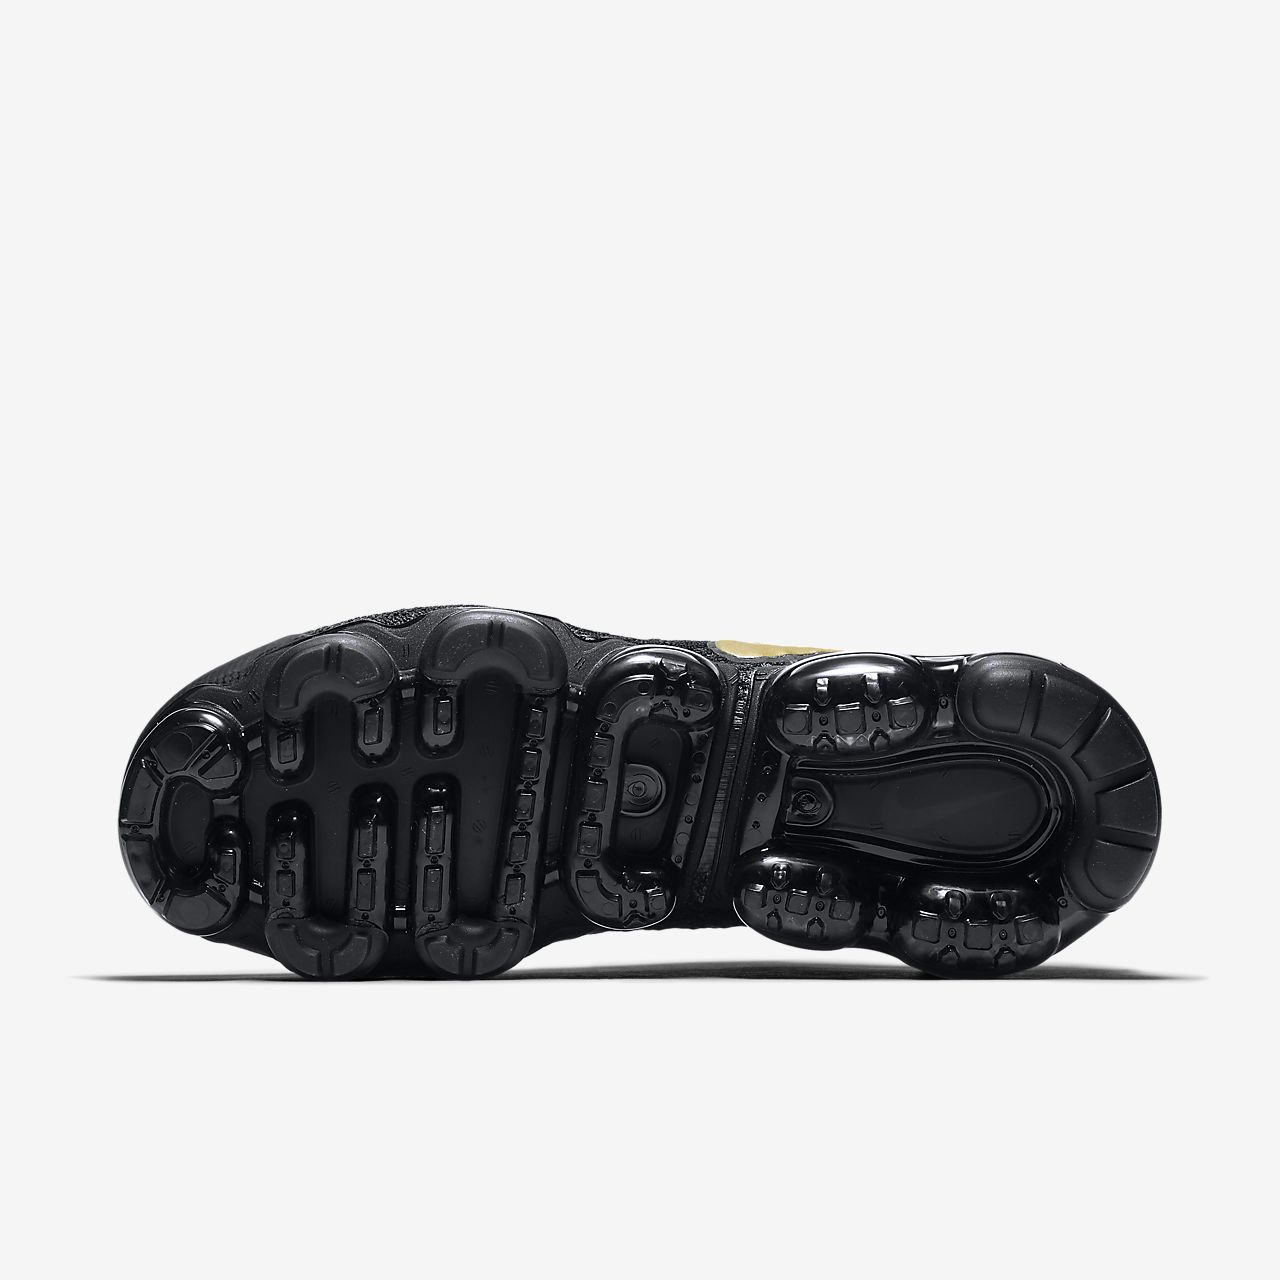 f3d4c780d875 Nike Air VaporMax Flyknit 2 Women s Shoe. Nike.com LU